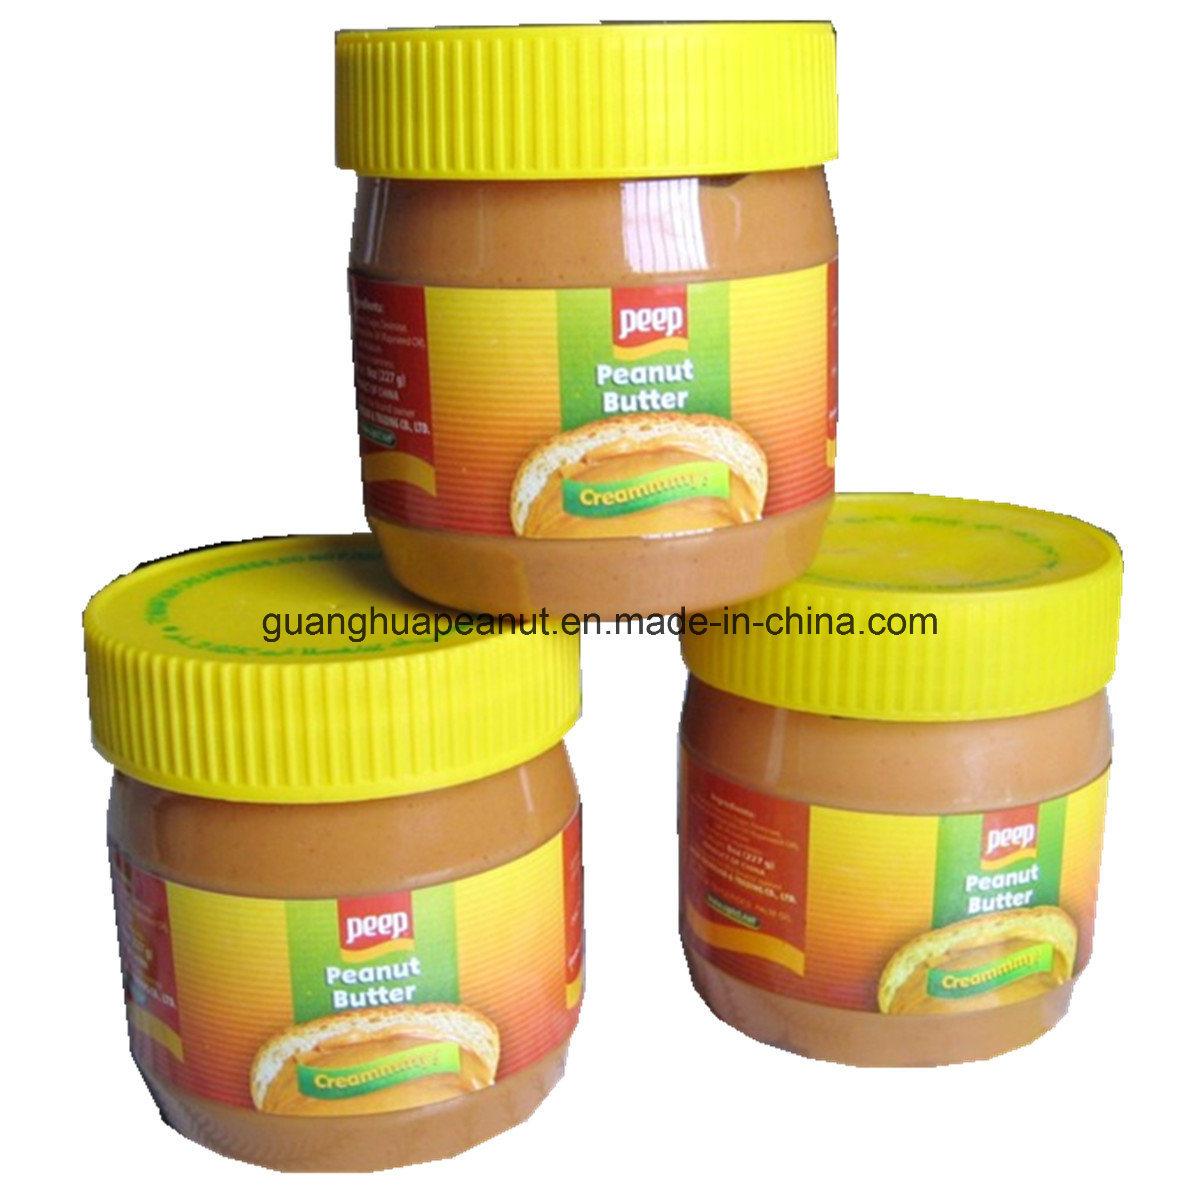 Hot Sale Peanut Butter From Shandong Guanghua